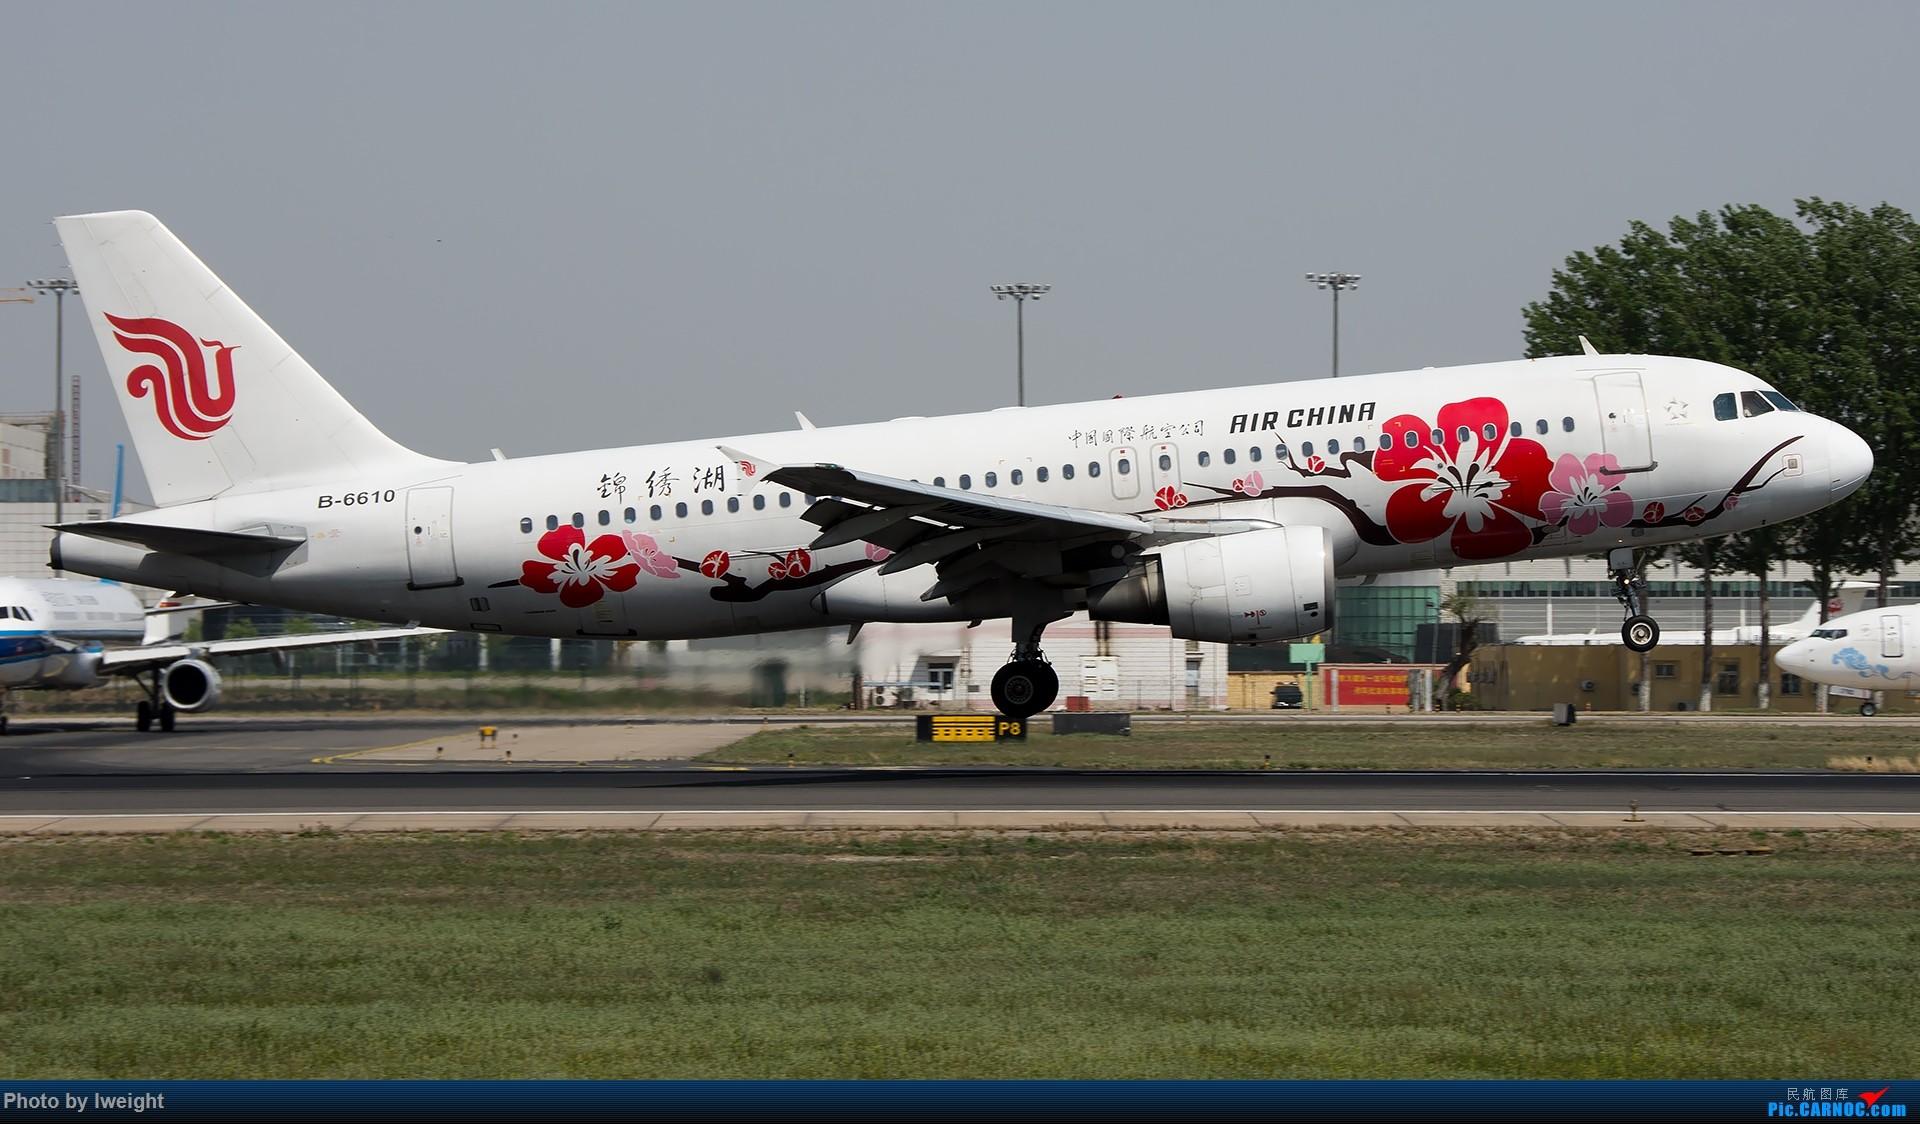 Re:[原创]天气晴朗,继续守候18R【多图】 AIRBUS A320-200 B-6610 中国北京首都国际机场